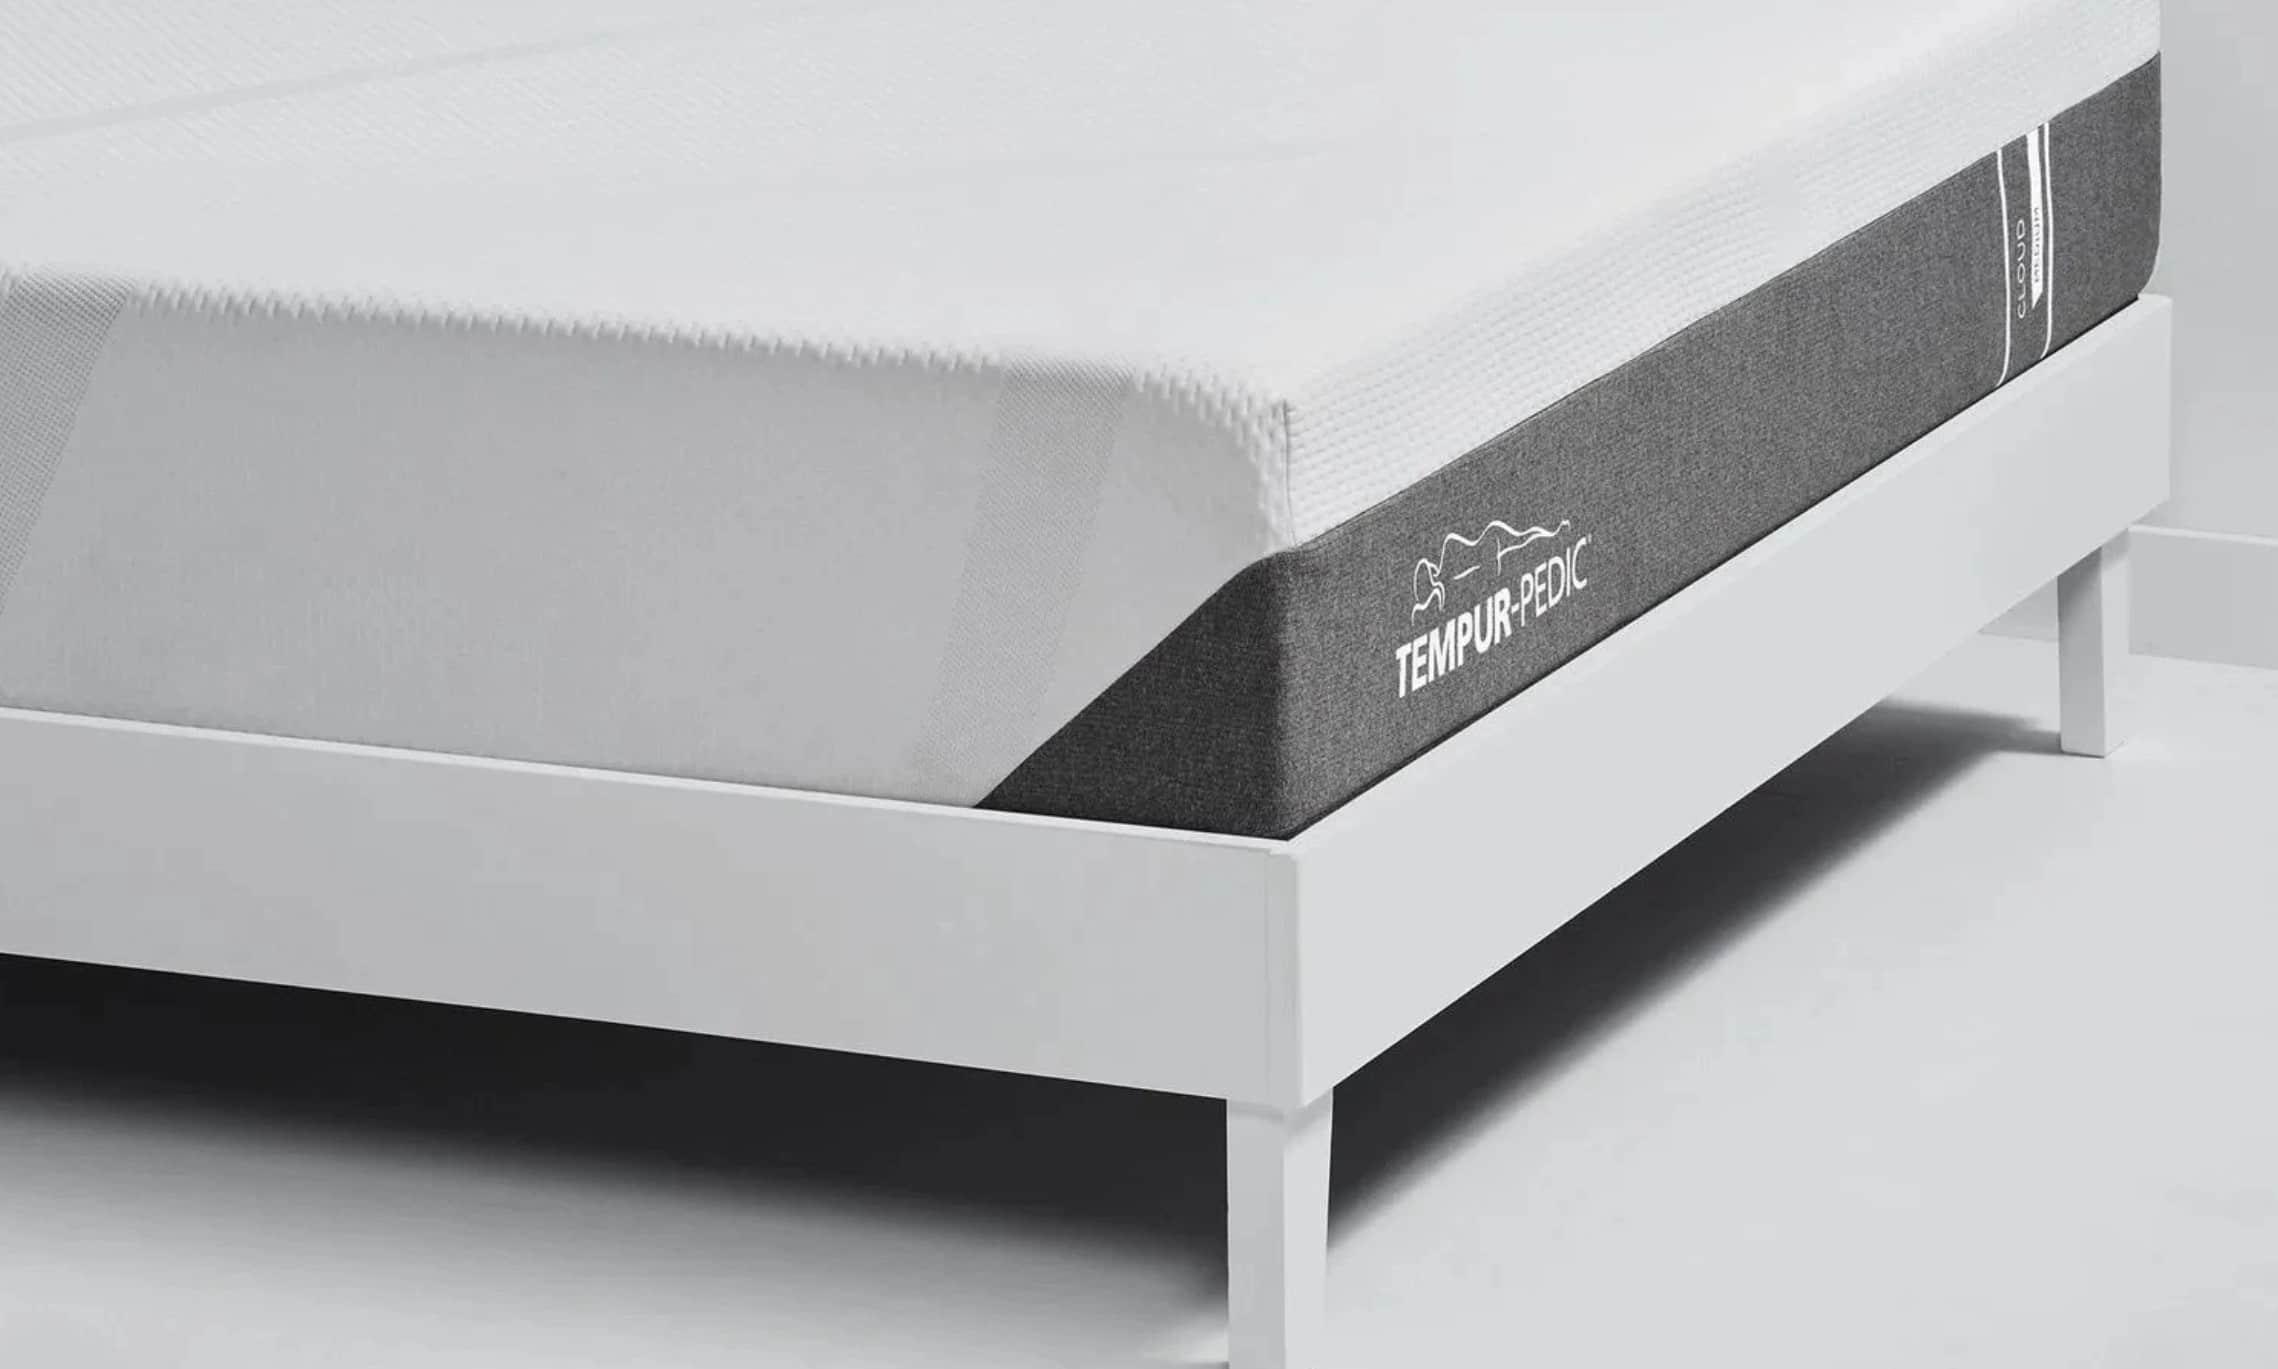 tempur cloud edge support